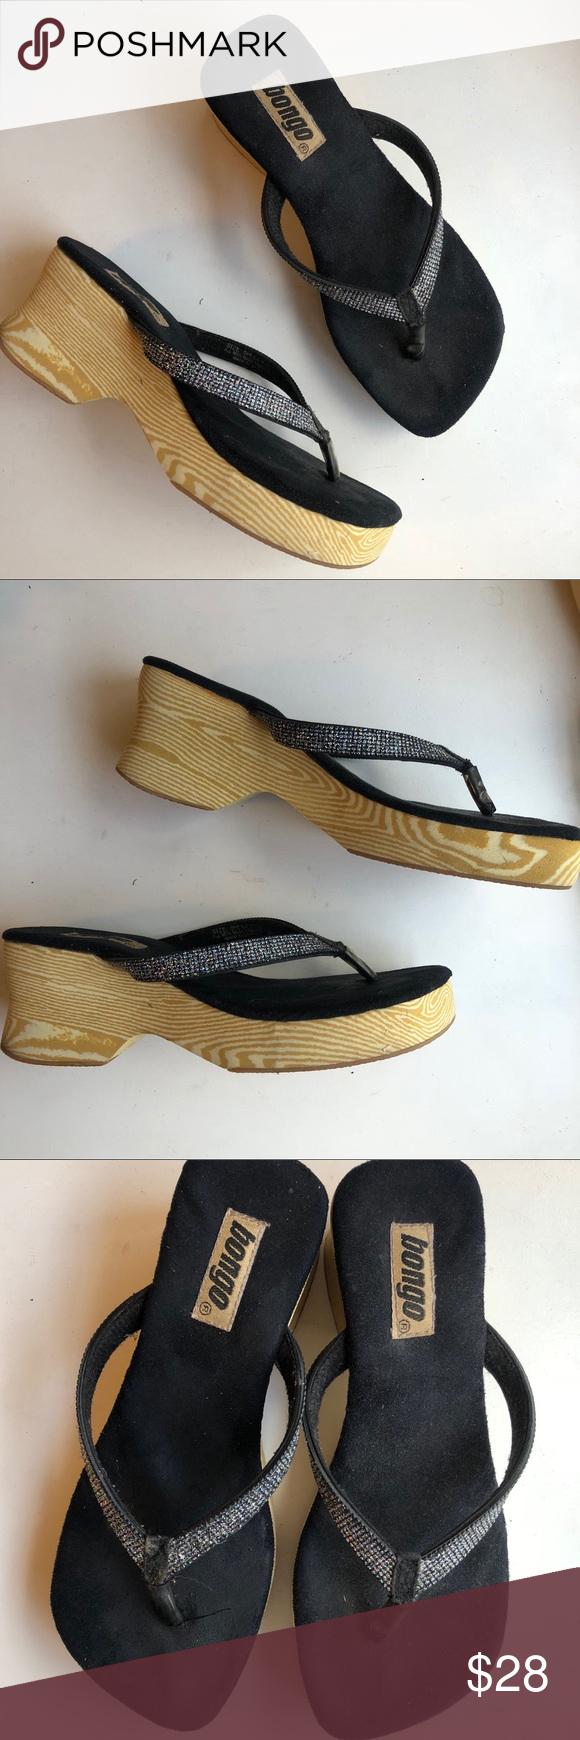 ab8cf941df1 ◽️Bongo◽️vintage 90 s platform sandals Awesome vintage 90 s Bongo flip flops!  Platform foam